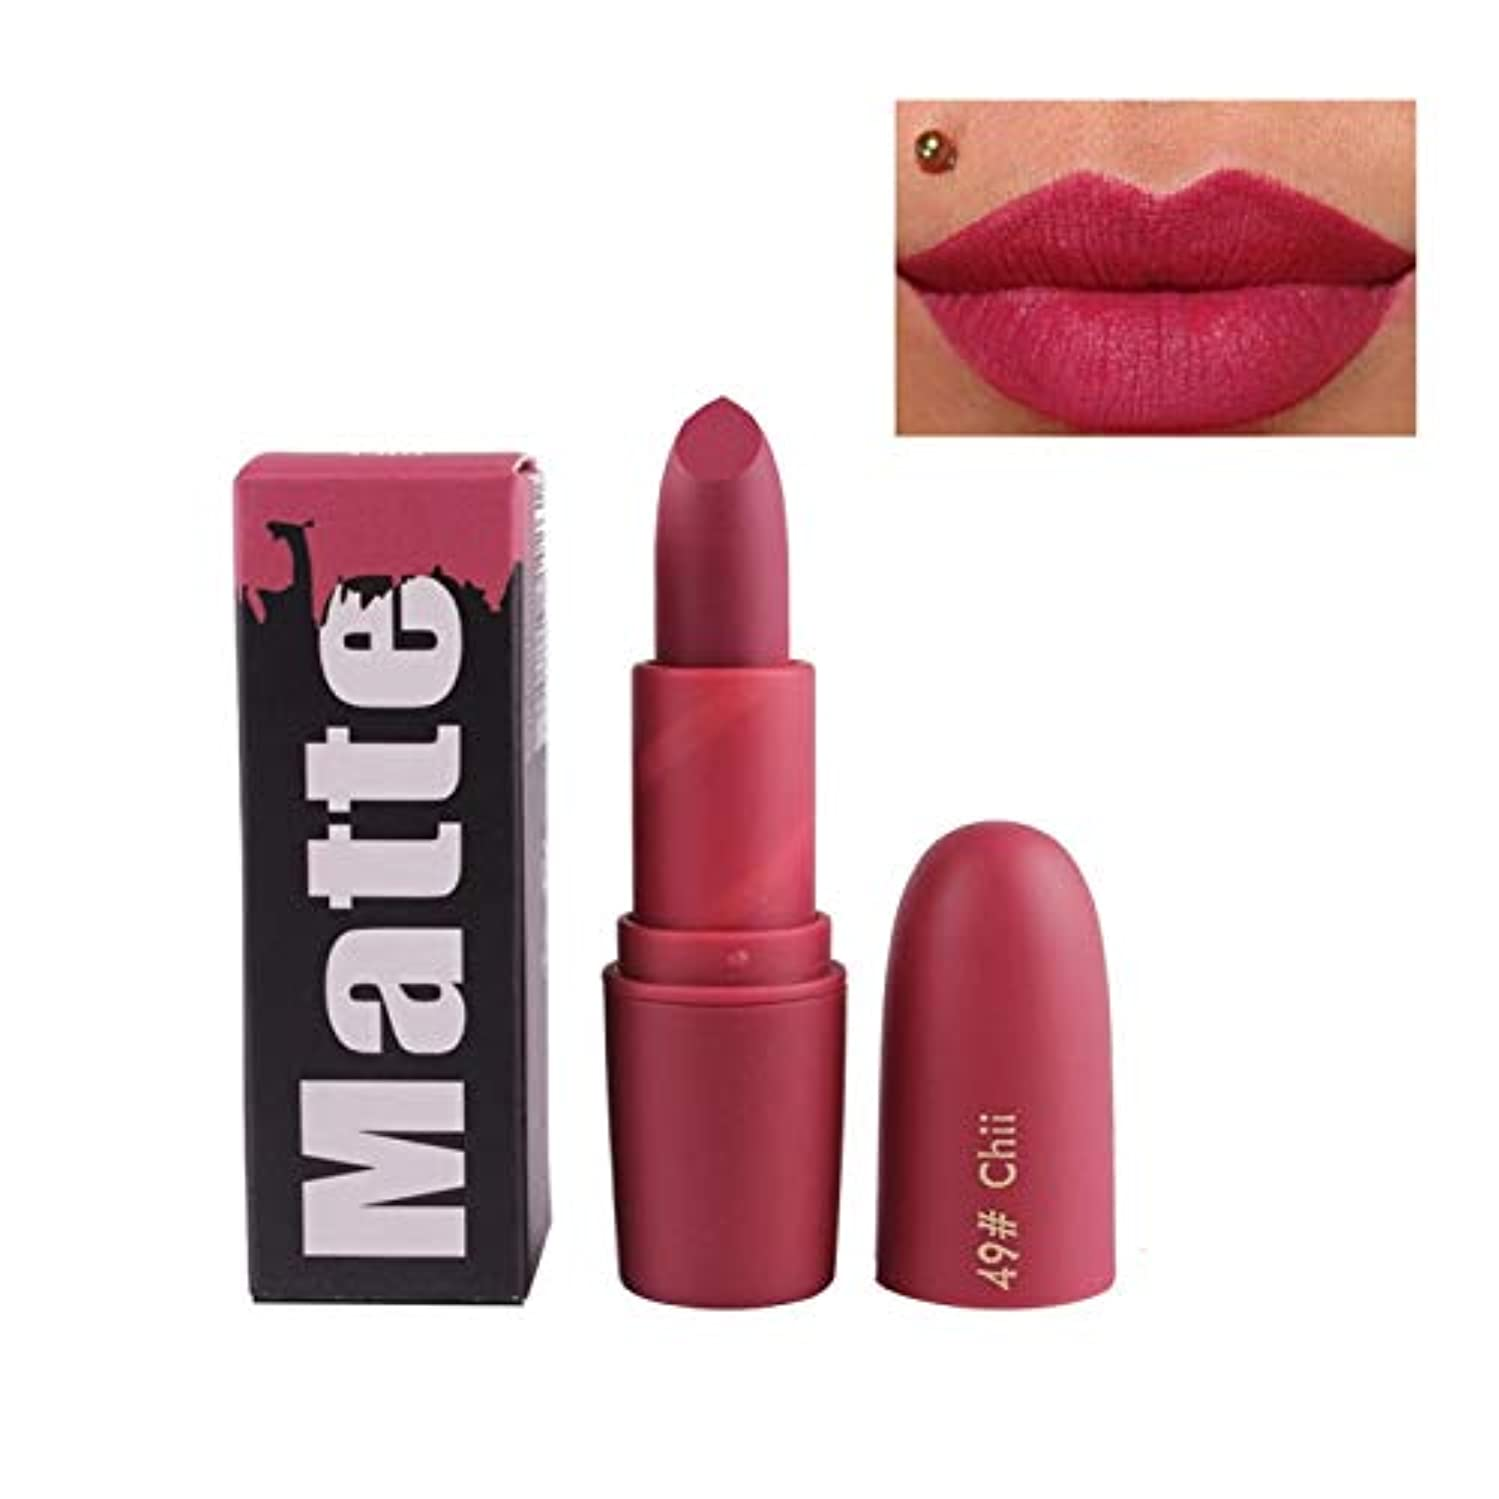 Gyvoxz - ミス?ローズヌード口紅マットメイクラスティング女性セクシーなブランドの唇の色の化粧品防水ロングの新着口紅[49]